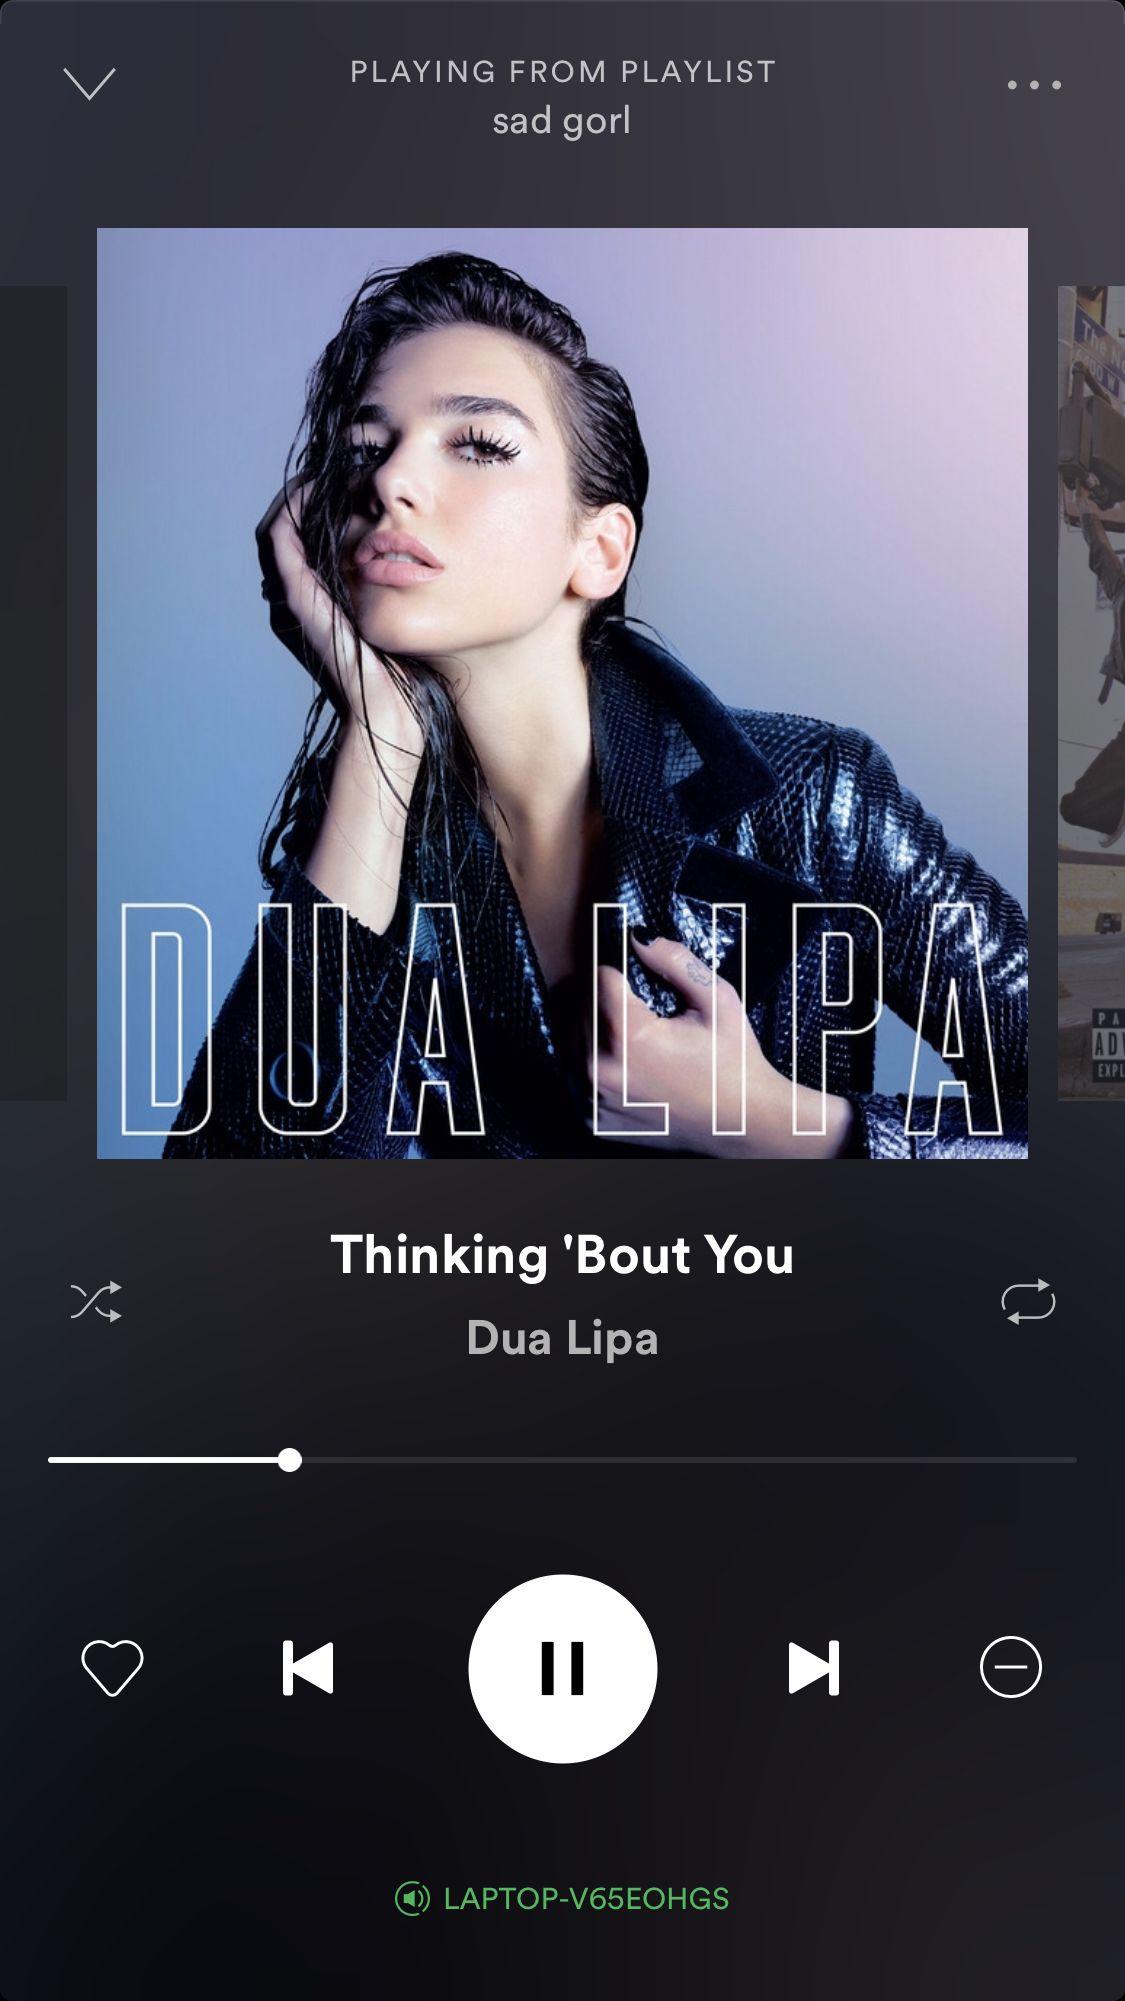 dualipa inmyfeelings Love songs